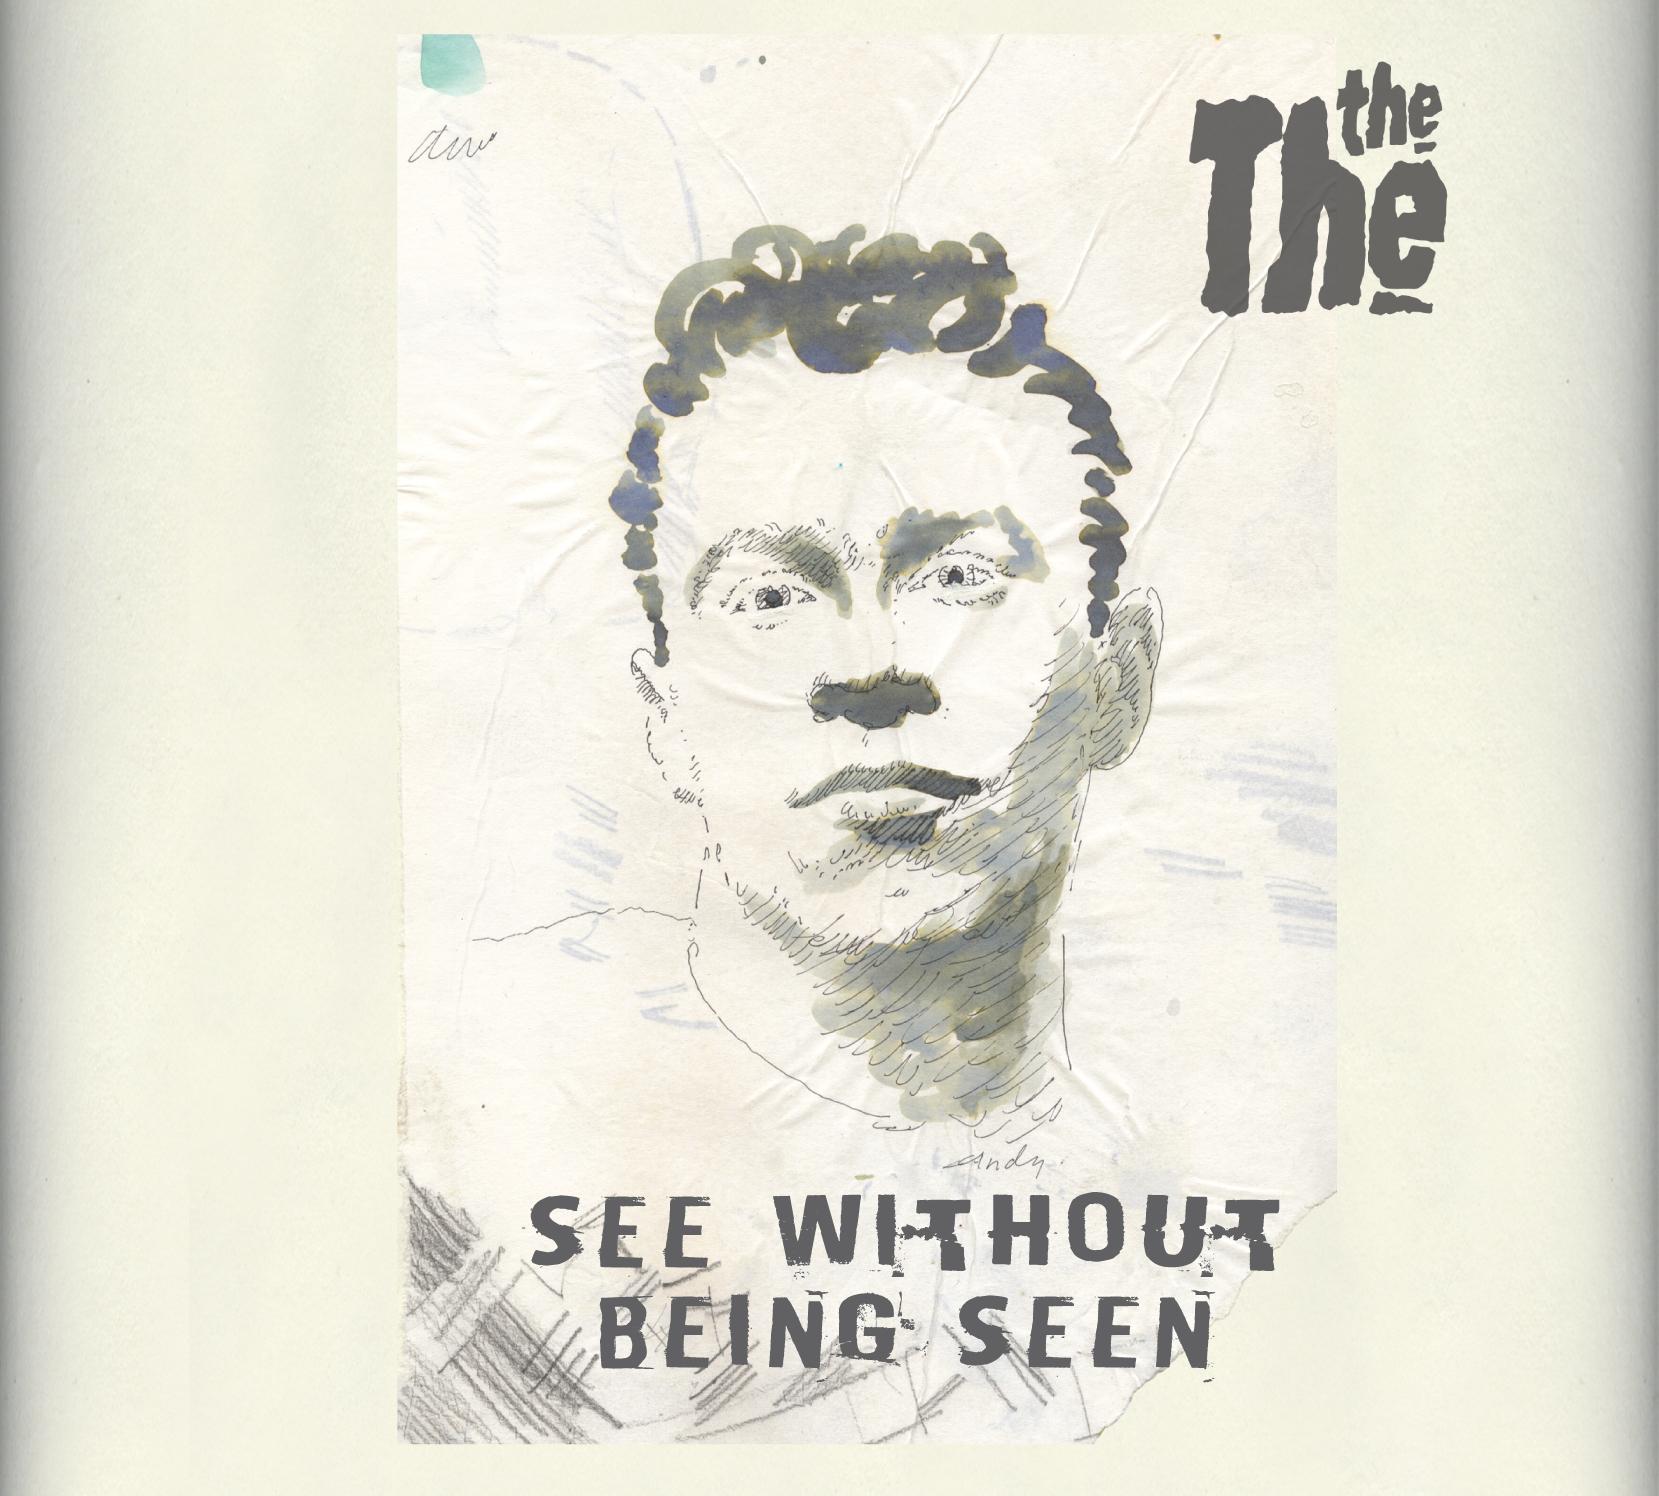 www.thethe.com